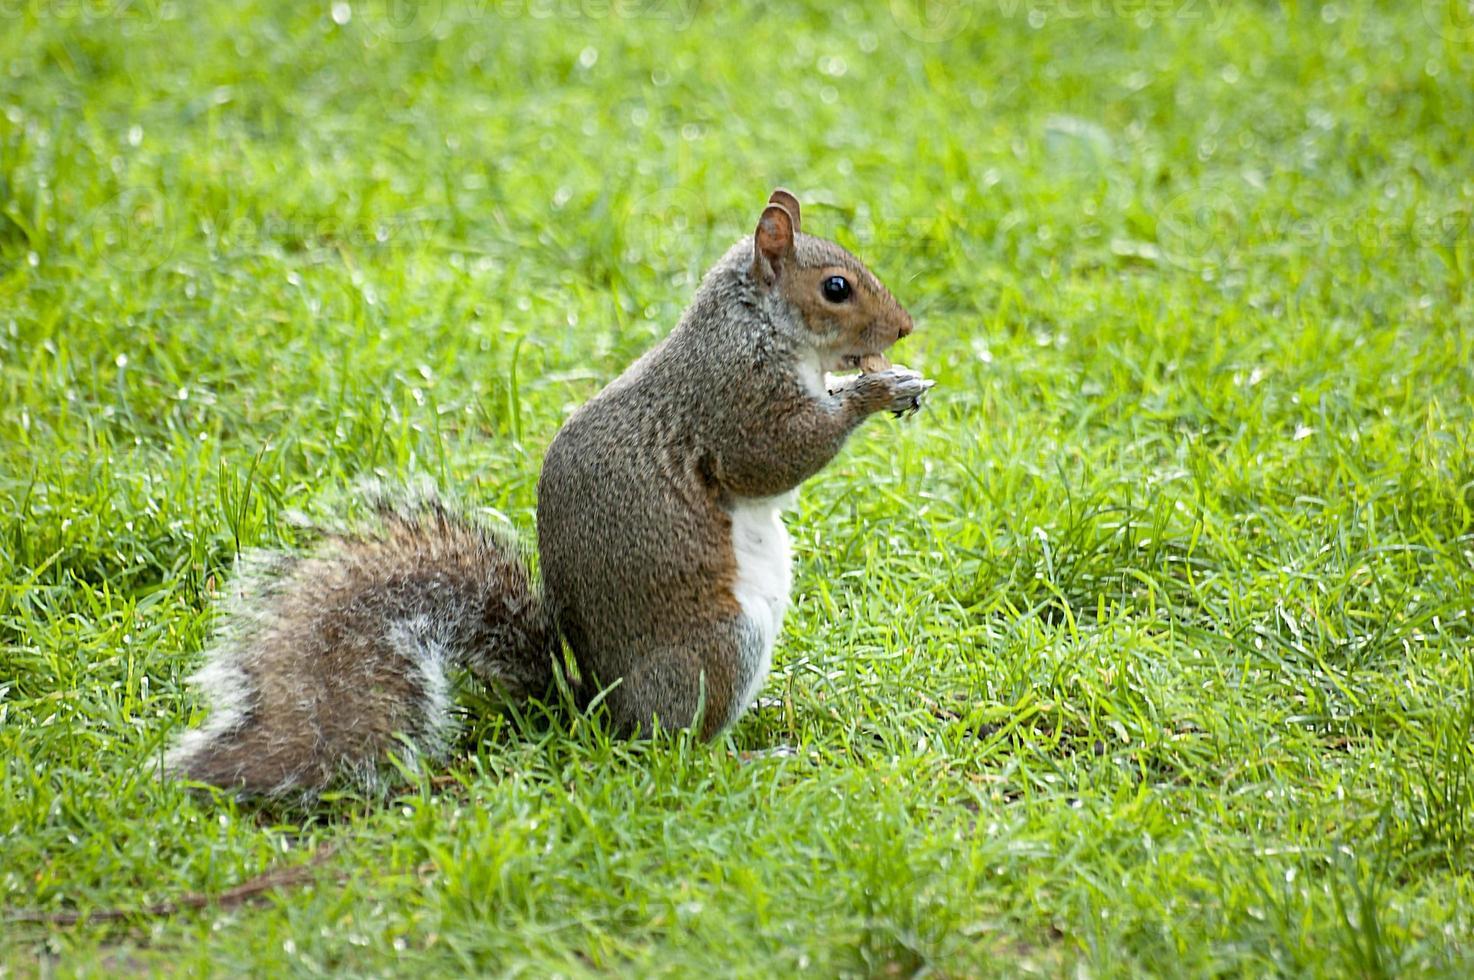 graues Eichhörnchen in der Wiesenseitenansicht foto